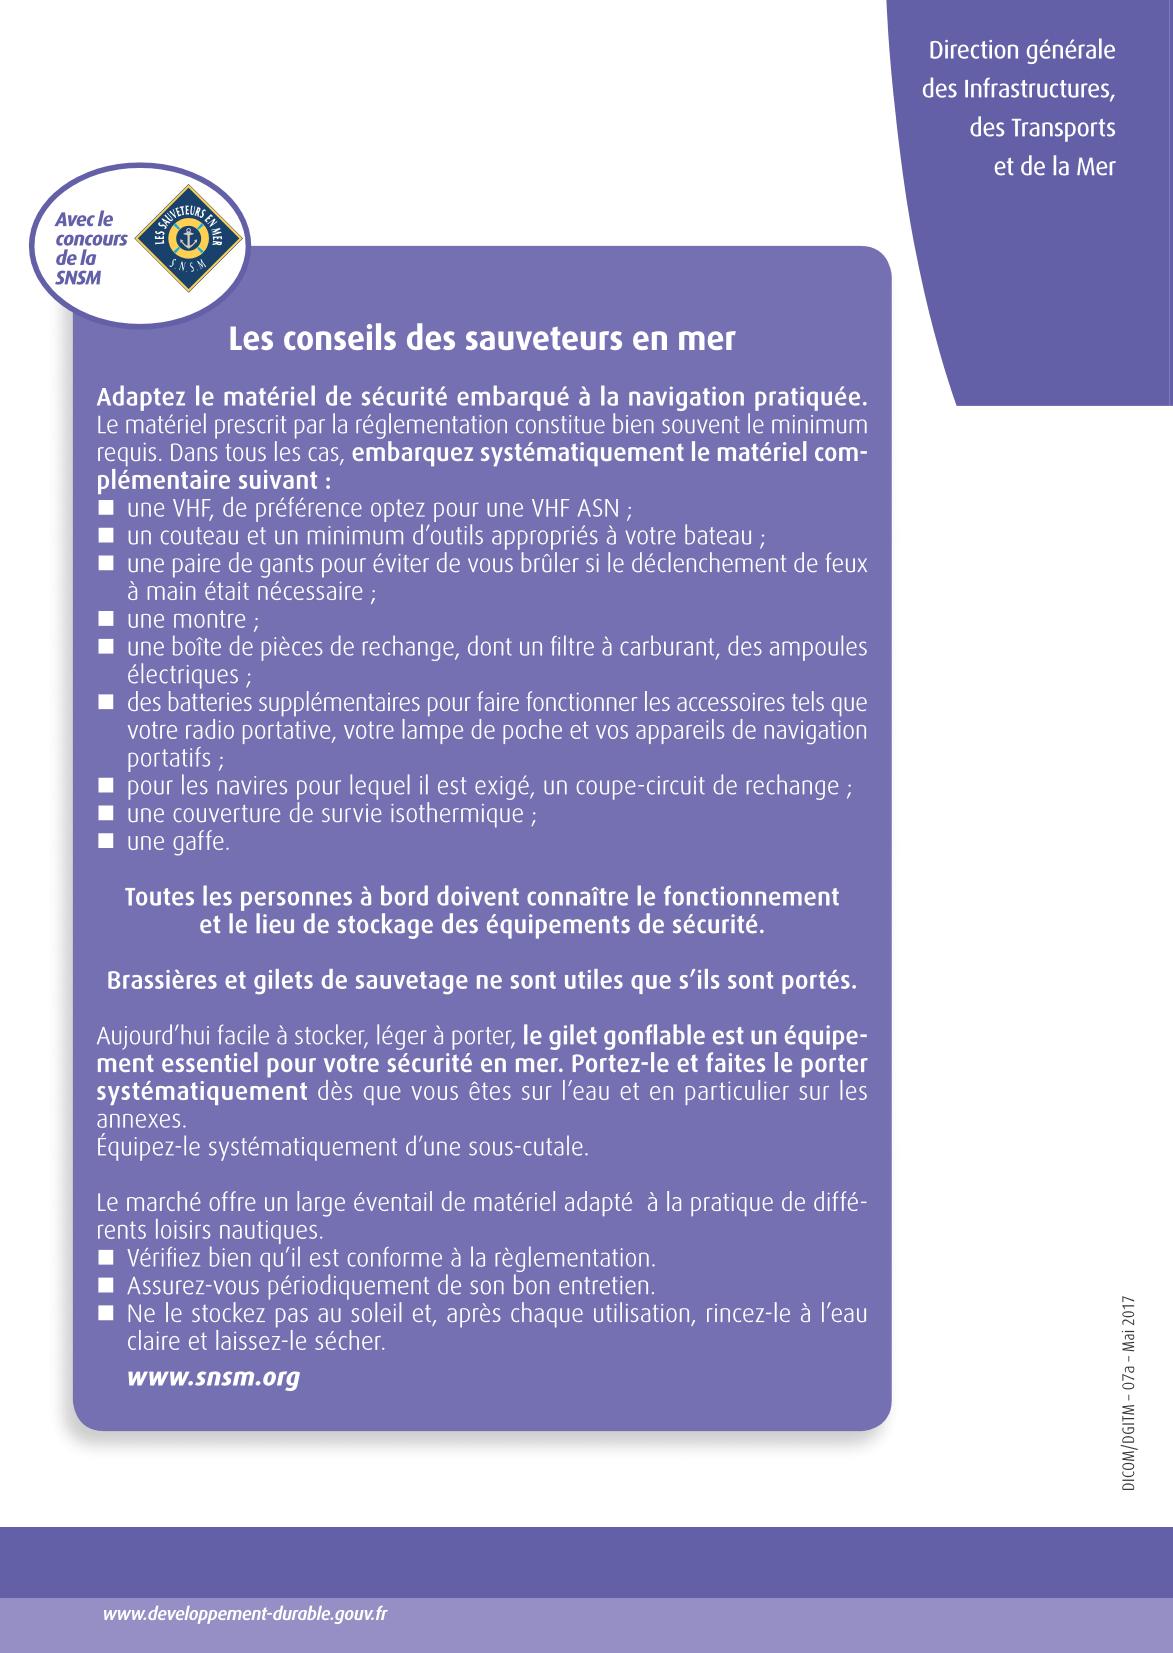 Equipement secu plaisance 4p def web page 4